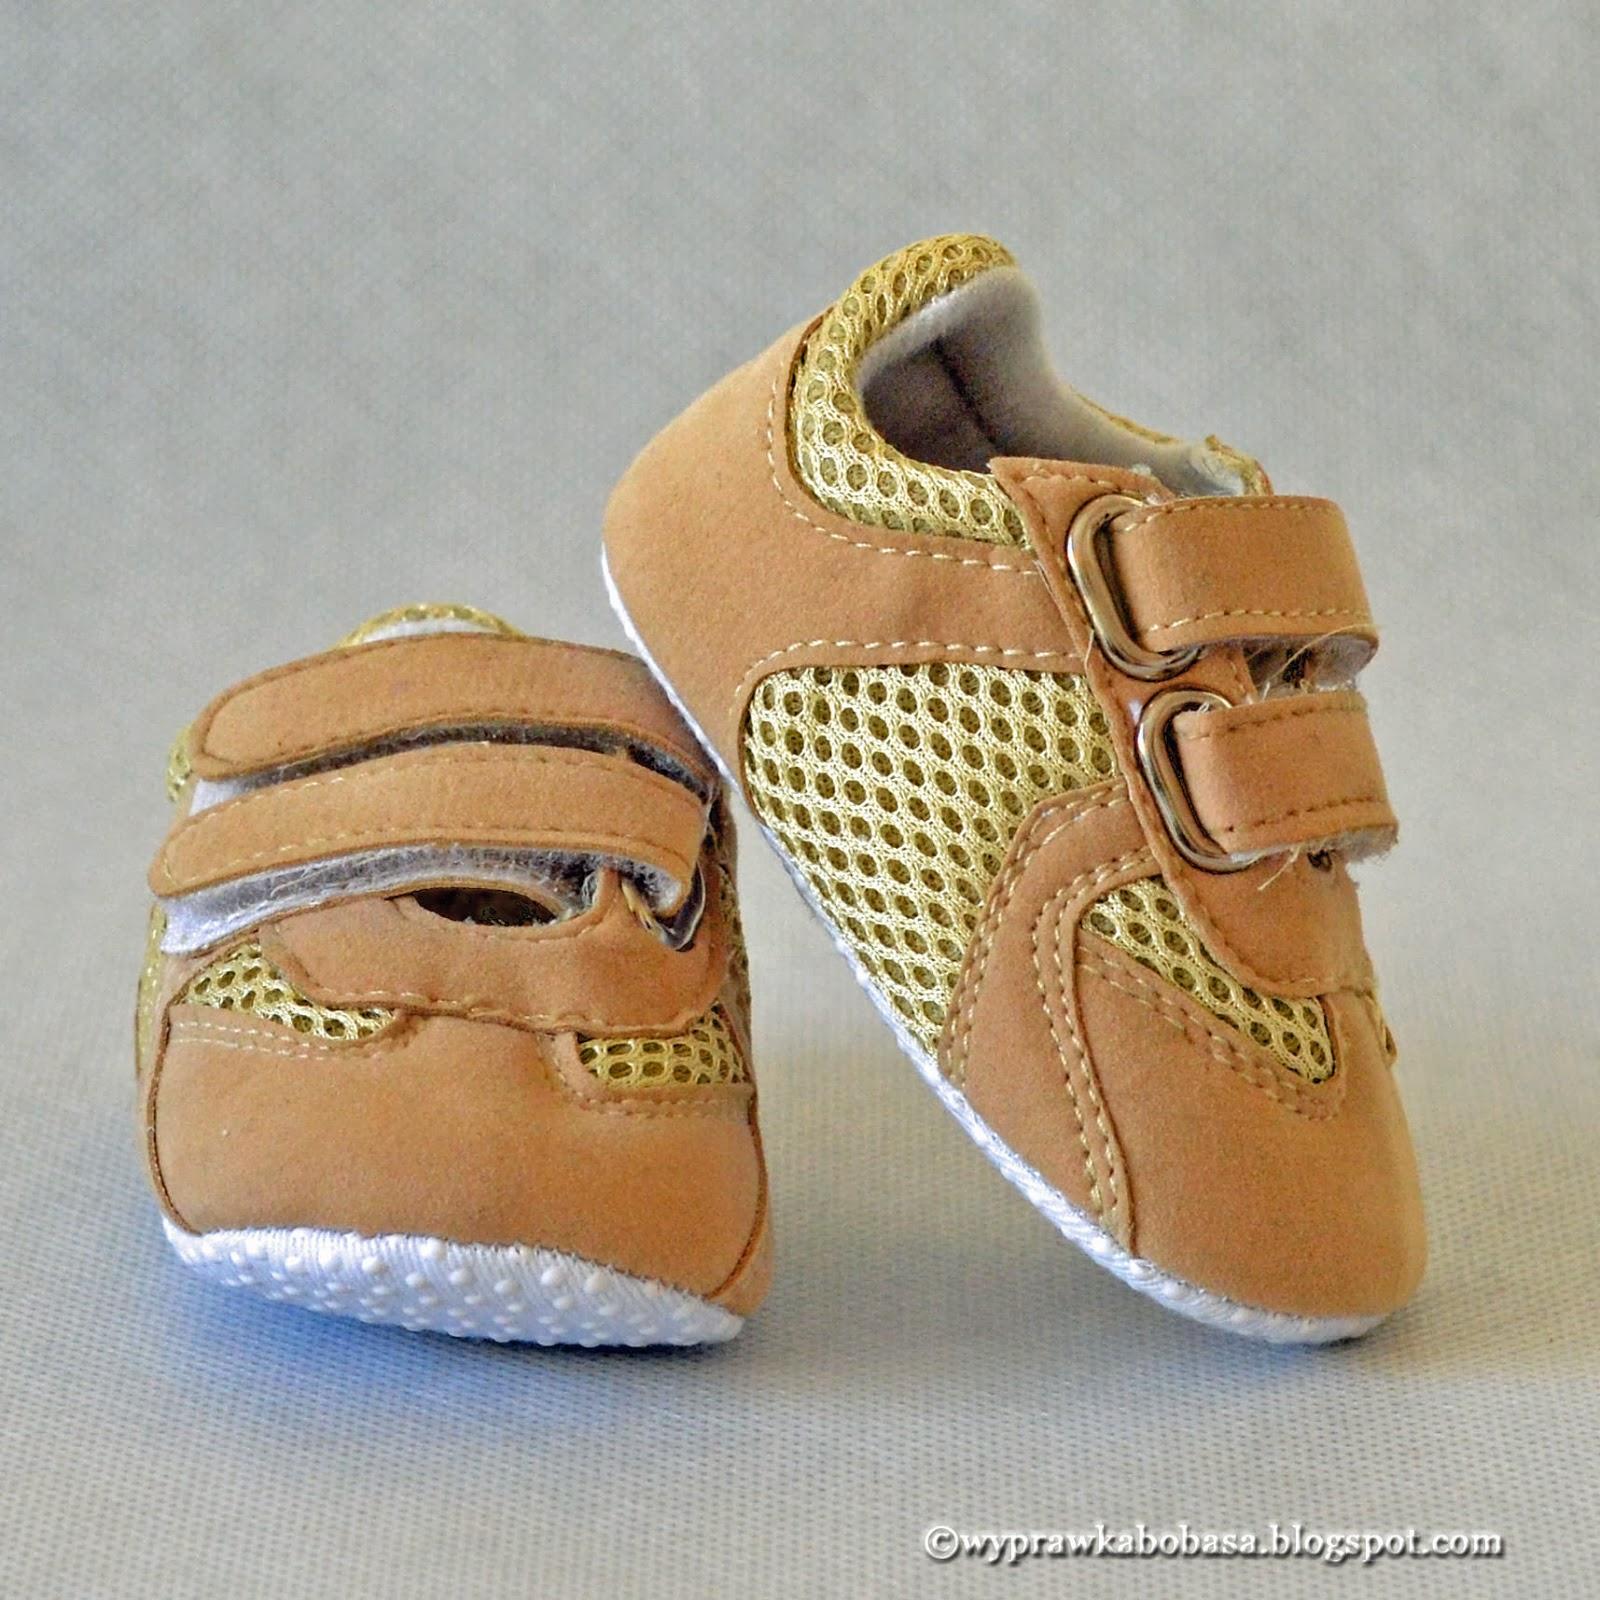 0a018b44c5c7d No bo do czego służą buty? Do chodzenia! A skoro maluch jeszcze nie chodzi,  to butów nie potrzebuje :)